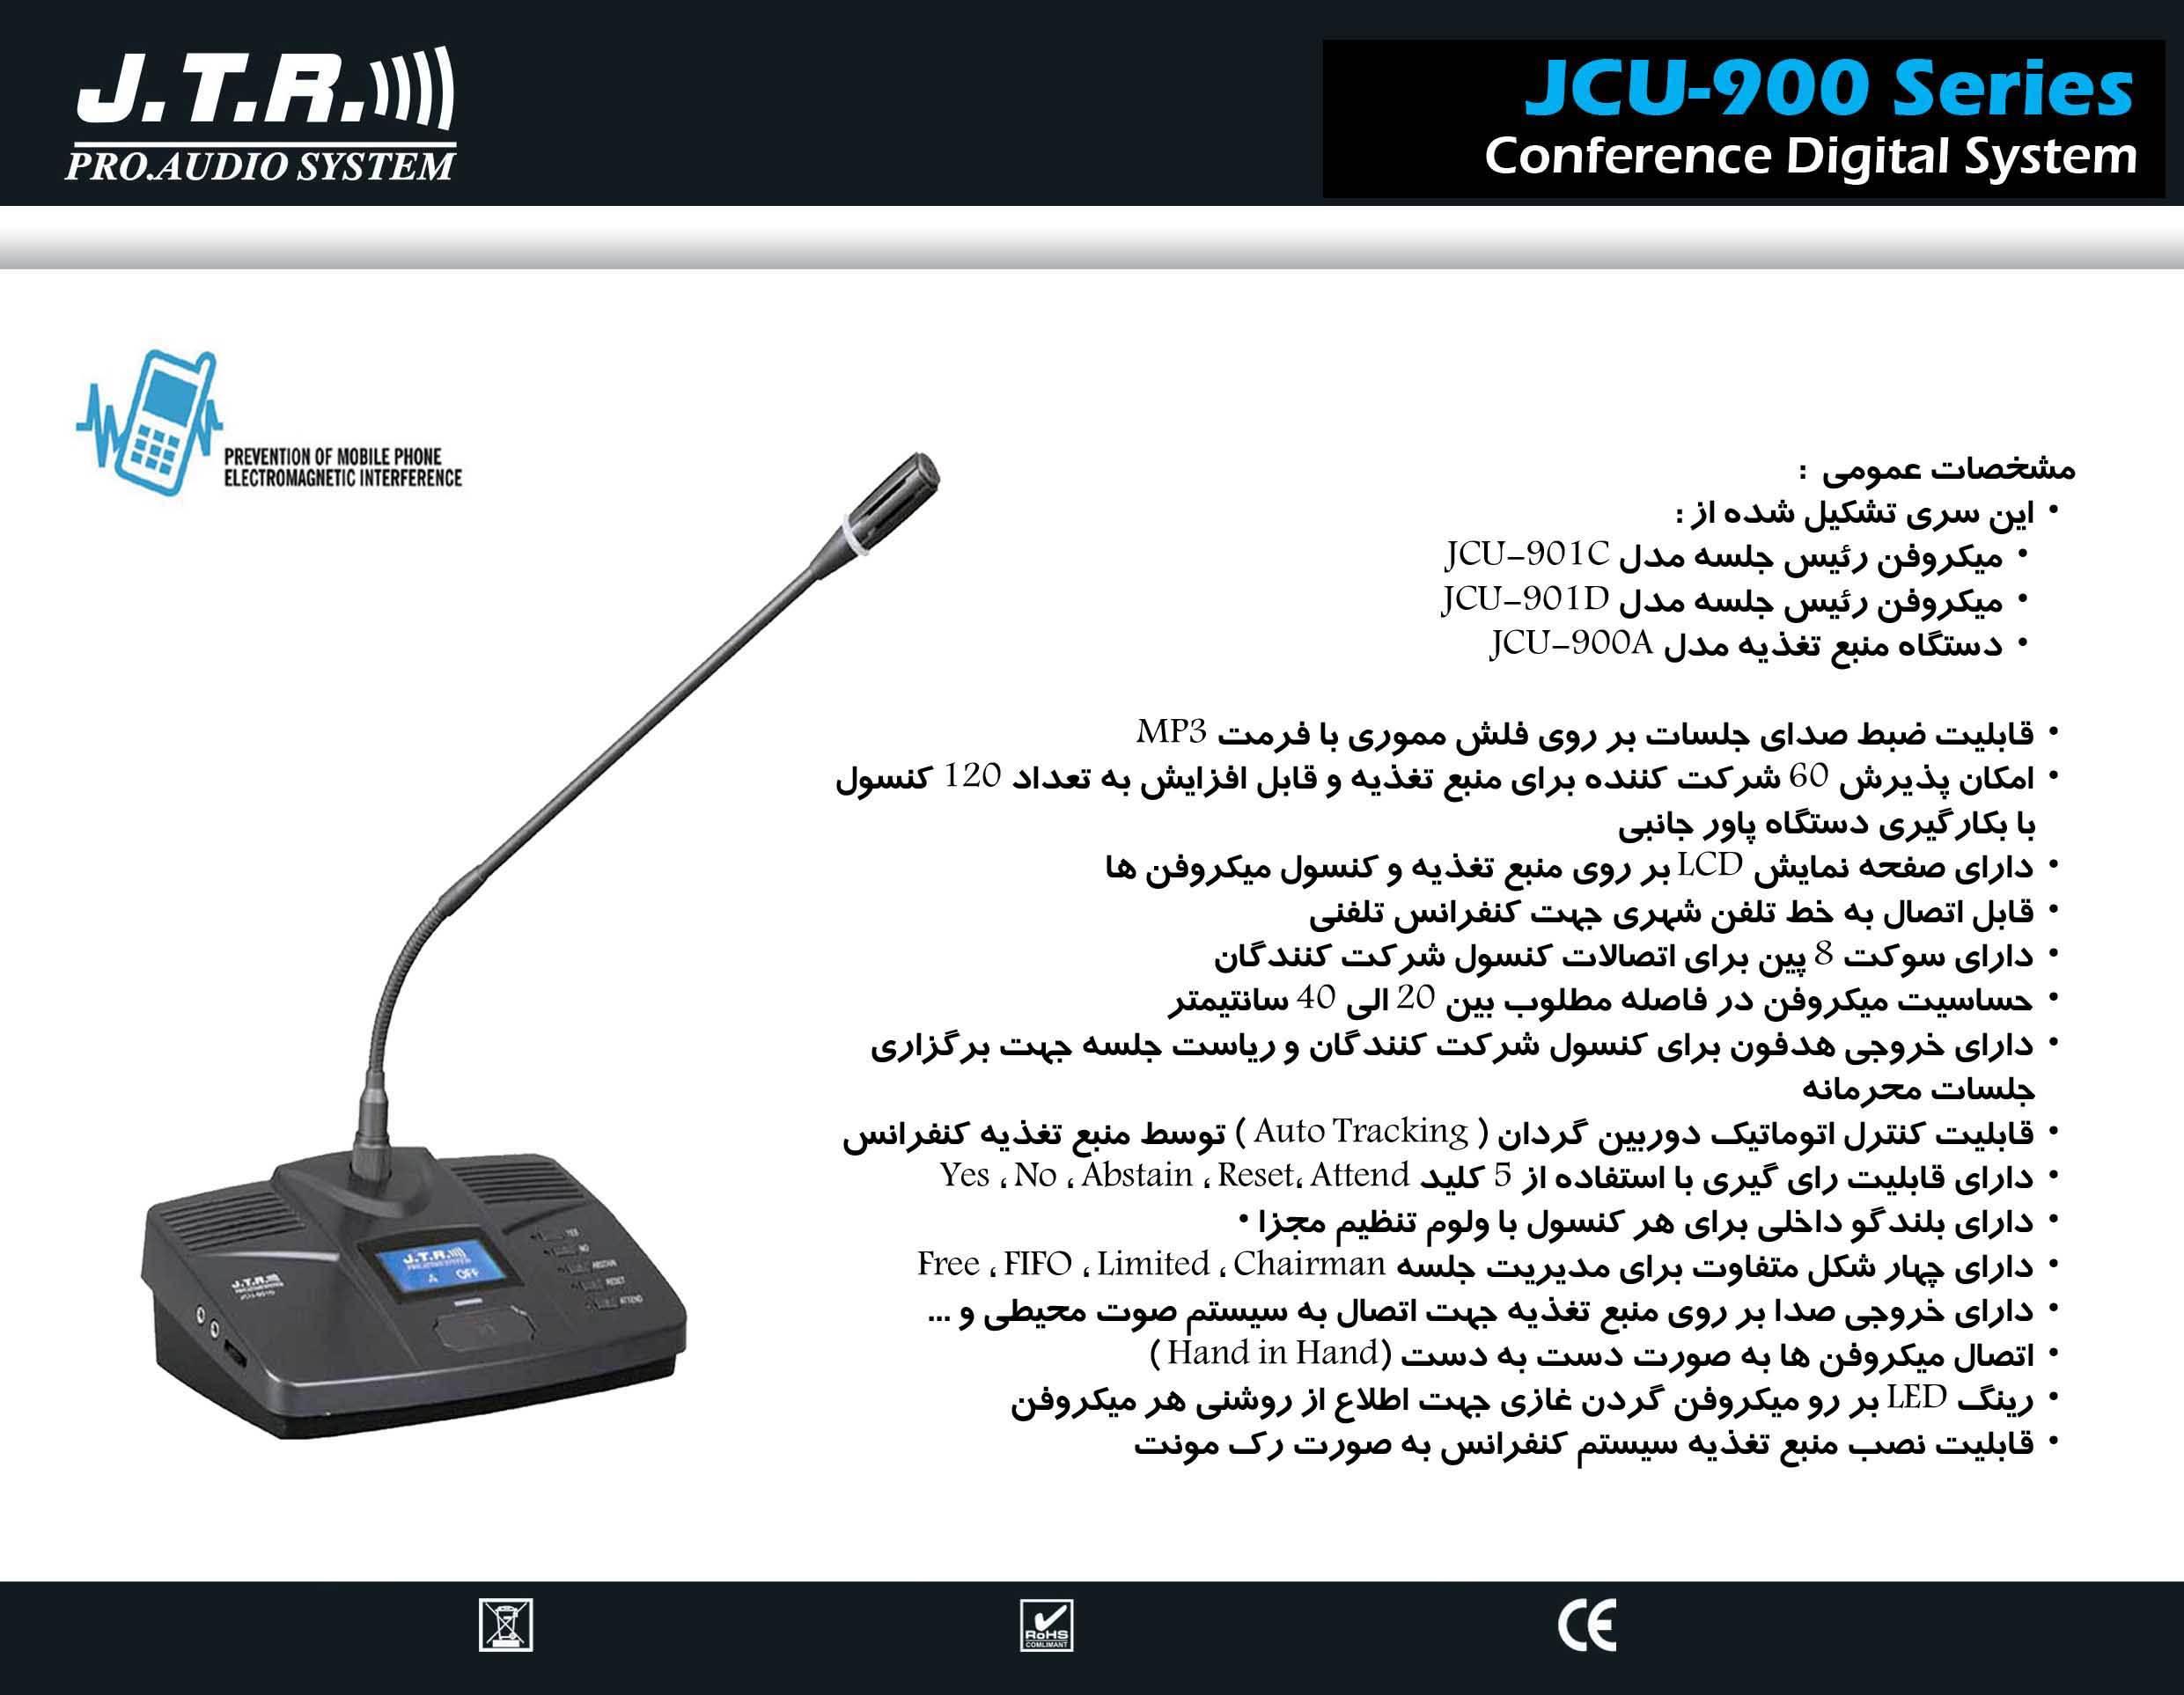 سیستم کنفرانس دیجیتال ساخت کمپانی JTR ( جی تی آر ) سری JCU-900